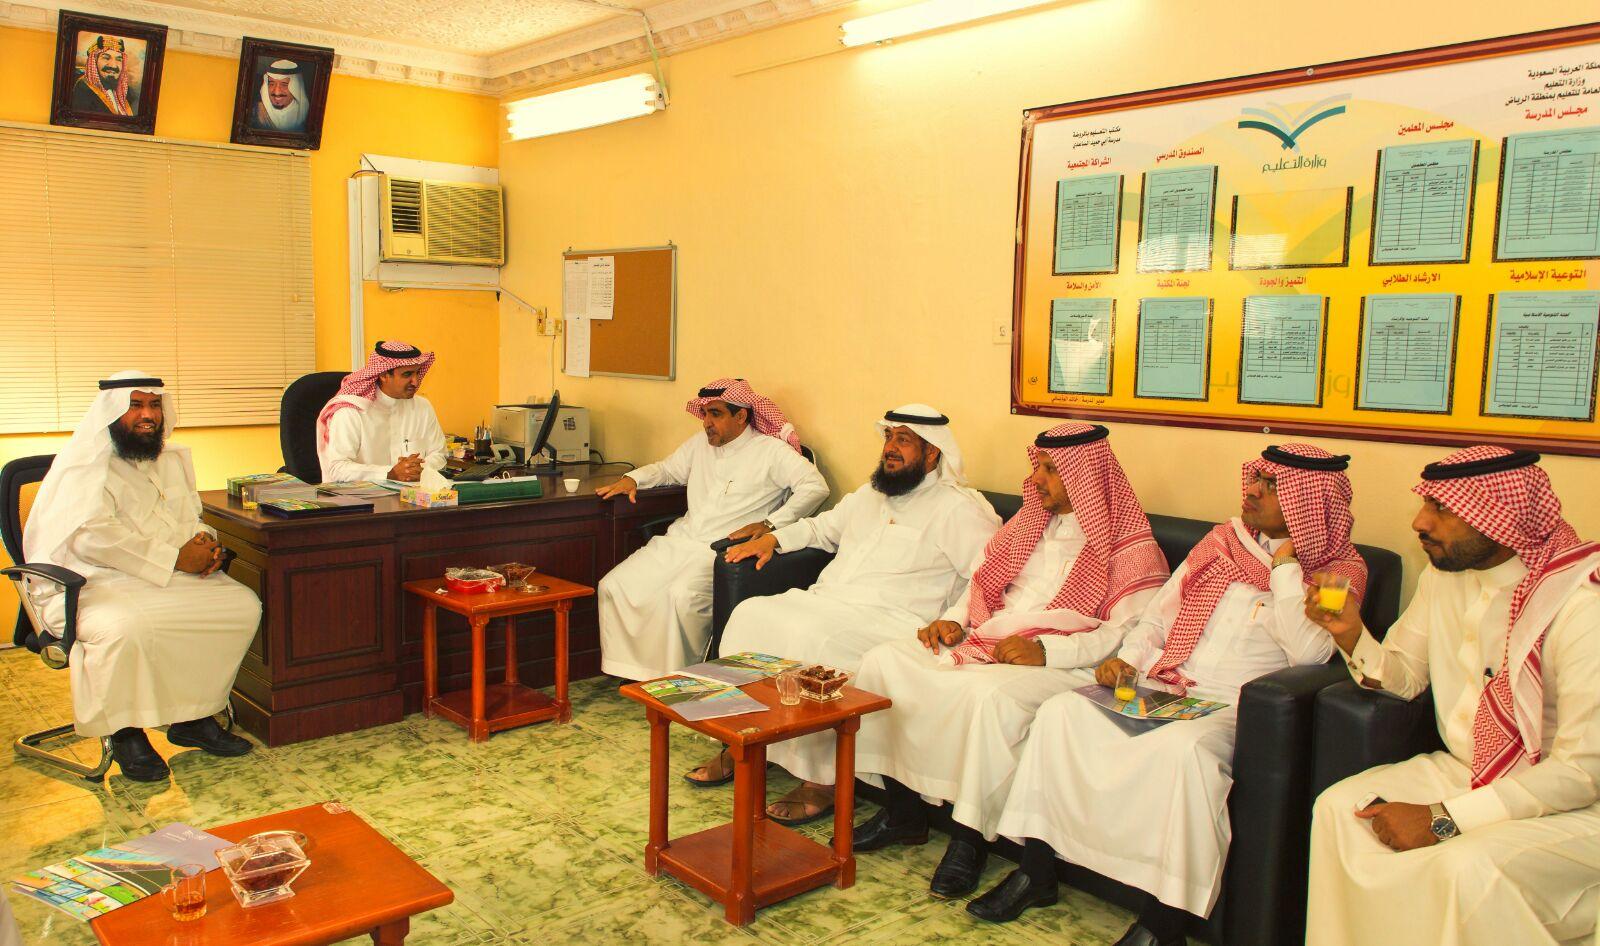 قائد مدرسة خالد الوذيناني يحول مبني مدرسة قديم الي واحة جاذبة للطلاب (1)